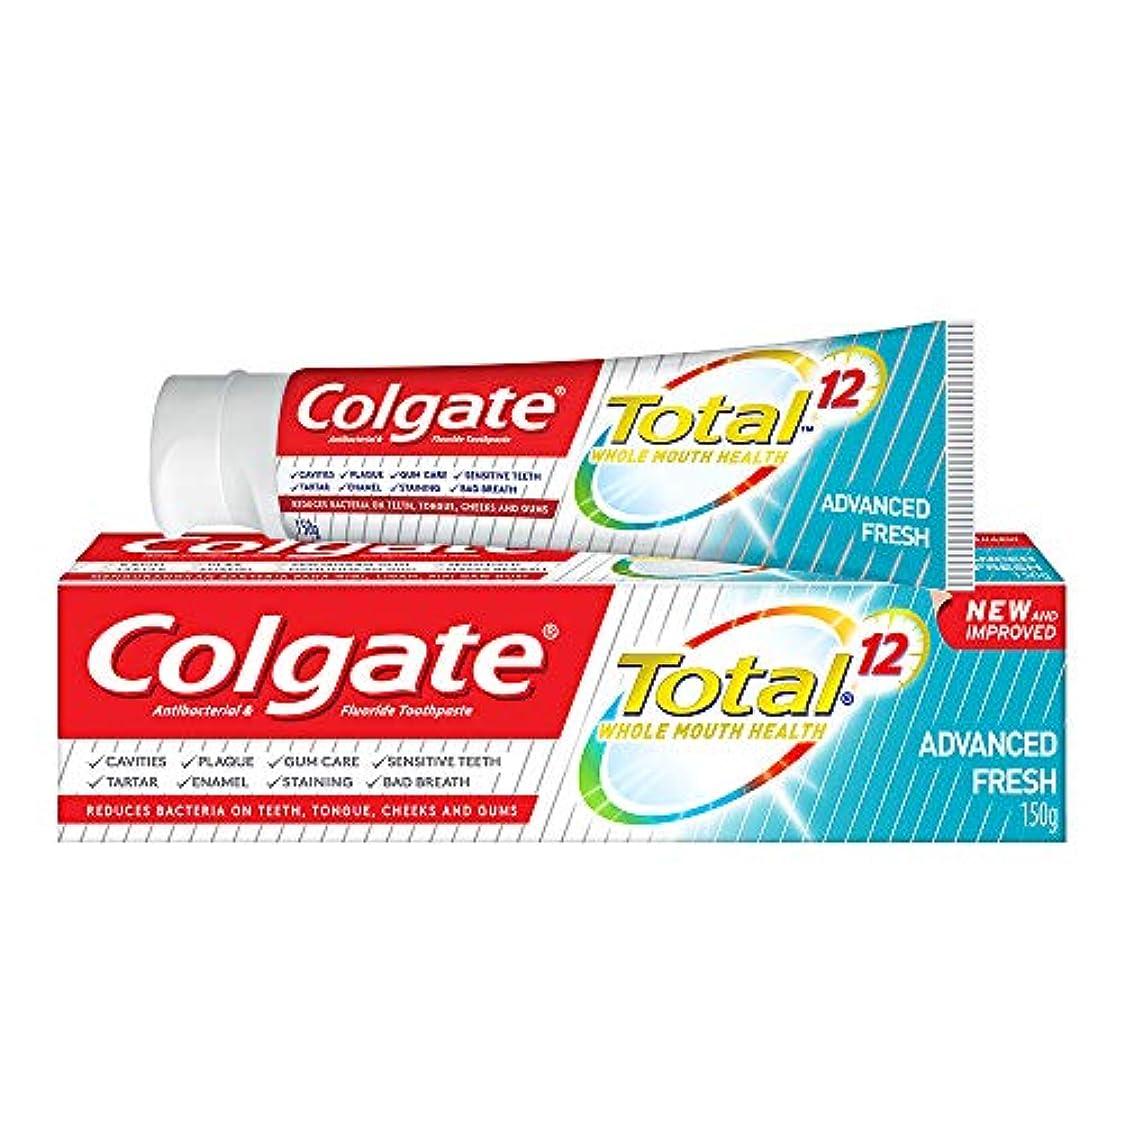 阻害する排出万歳Colgate コルゲート トータル トゥースペースト 150g (歯磨き粉) 【歯磨き粉、虫歯予防、アメリカン雑貨】